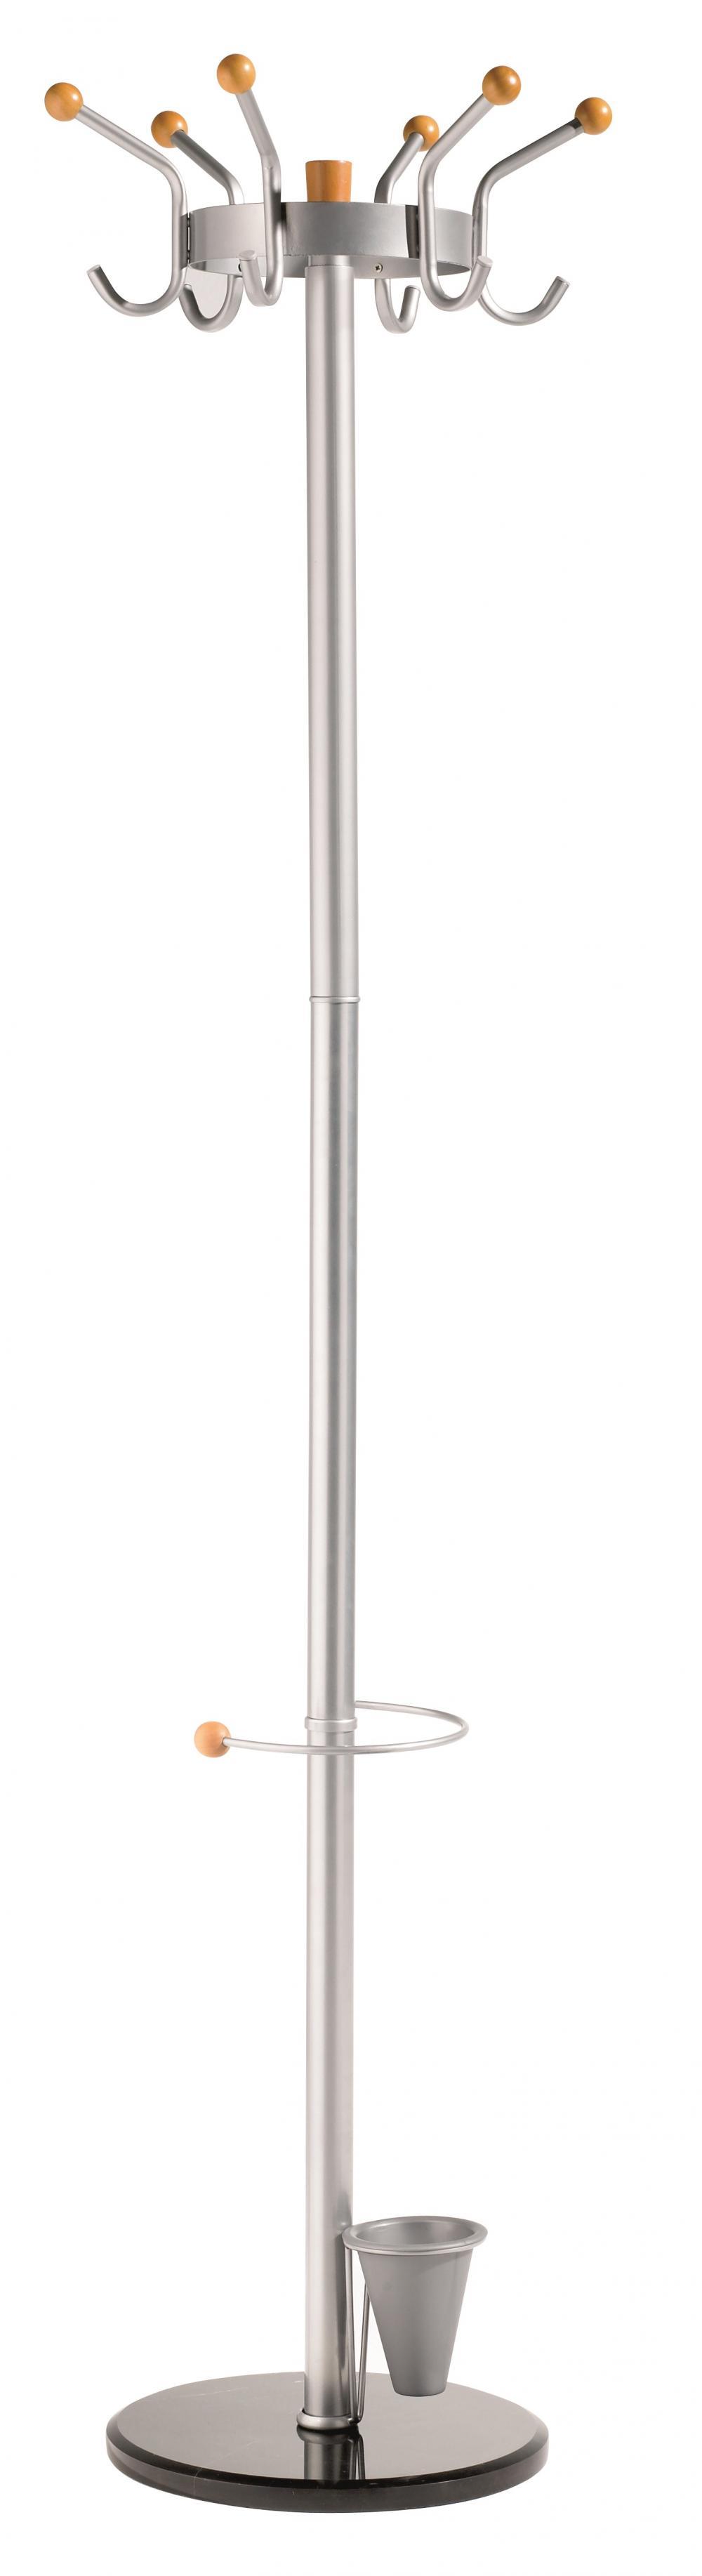 Cuier Metalic Alco  185/45cm  6 Agatatori Metalice Cu Accesorii Din Lemn  Suport Umbrele - Argintiu